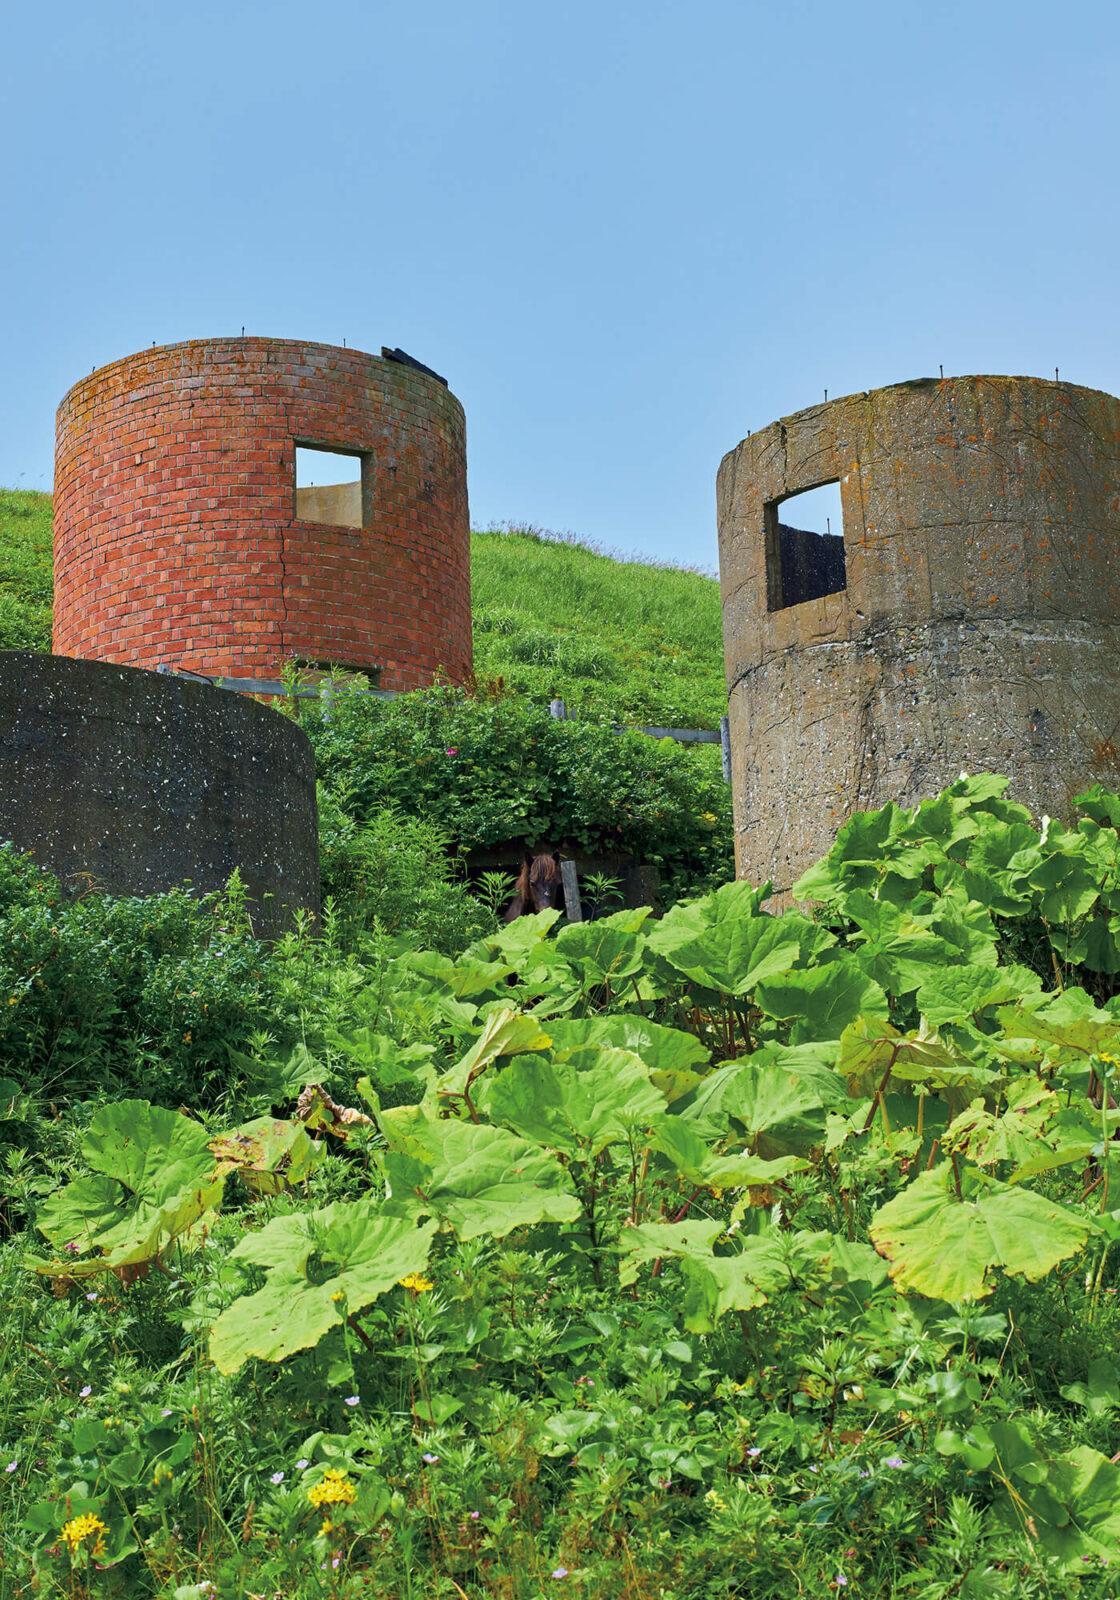 フットパス内にある〈旧馬場牧場〉。昭和初期、当時の牧場主がここで半農半漁の生活をしていた。円筒形の貯蔵庫であるサイロは、今では珍しい煉瓦とブロックでできている。